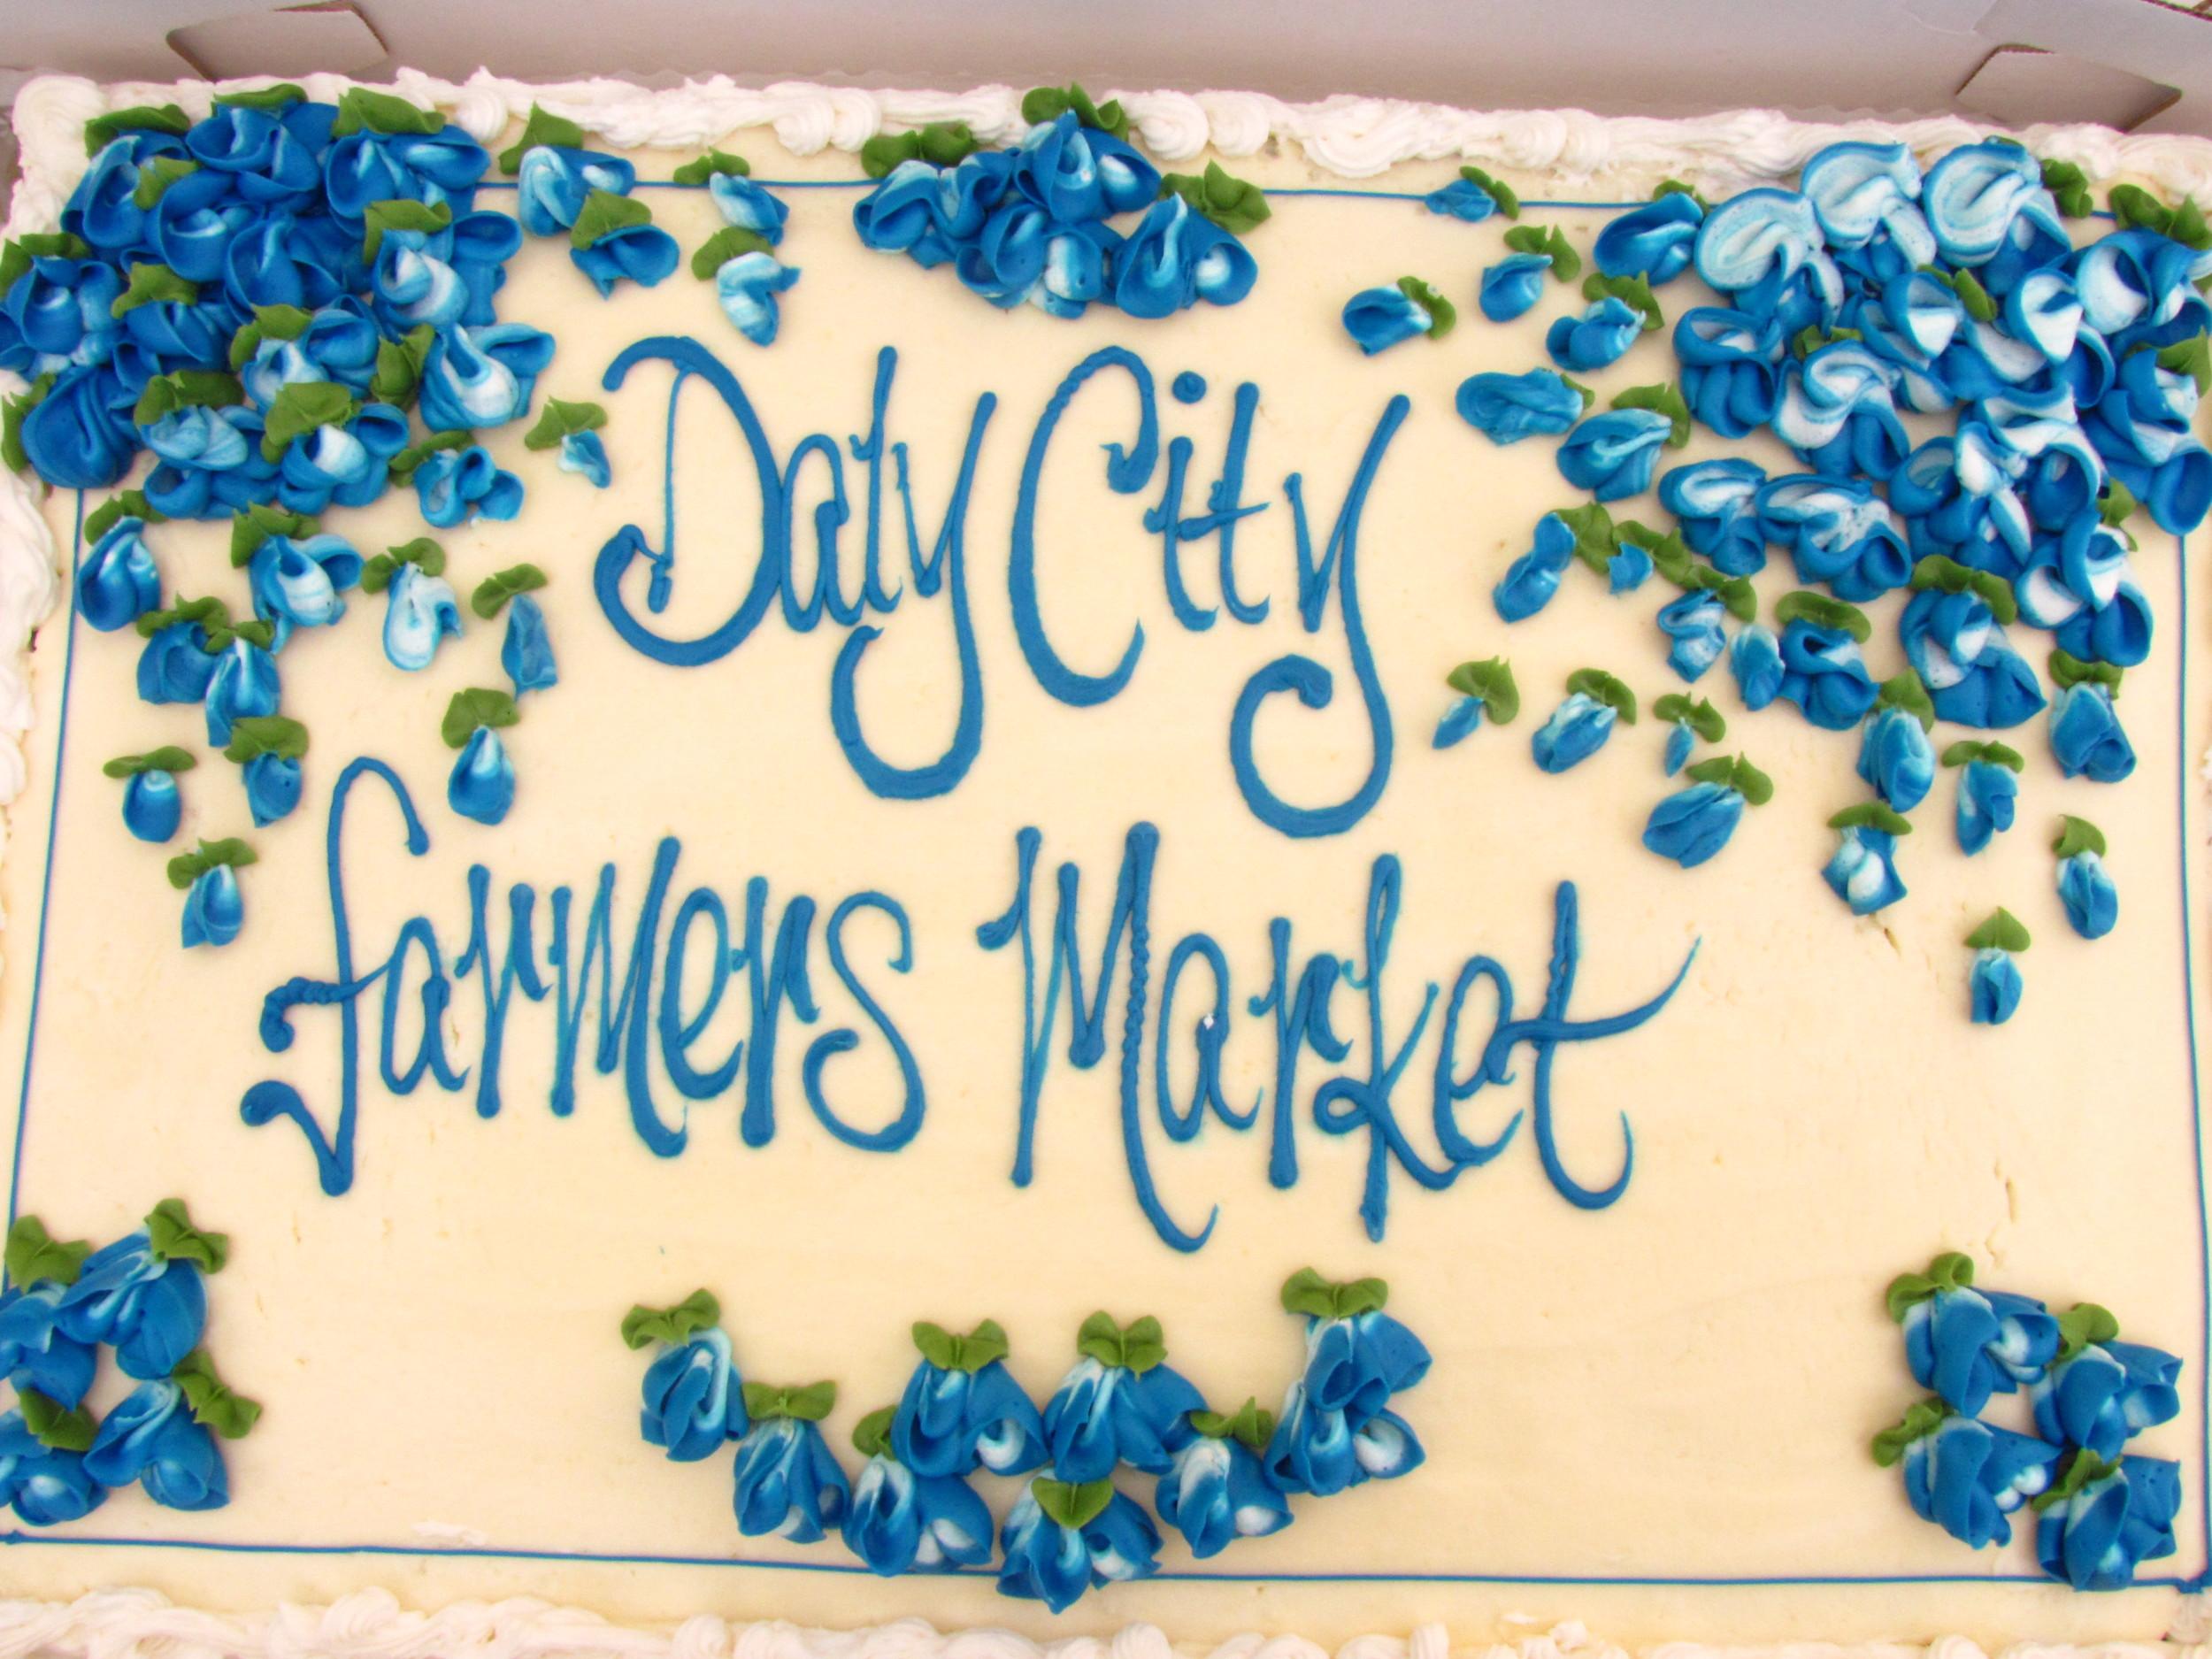 Daly City 20th Anniversary 2011 cake.JPG